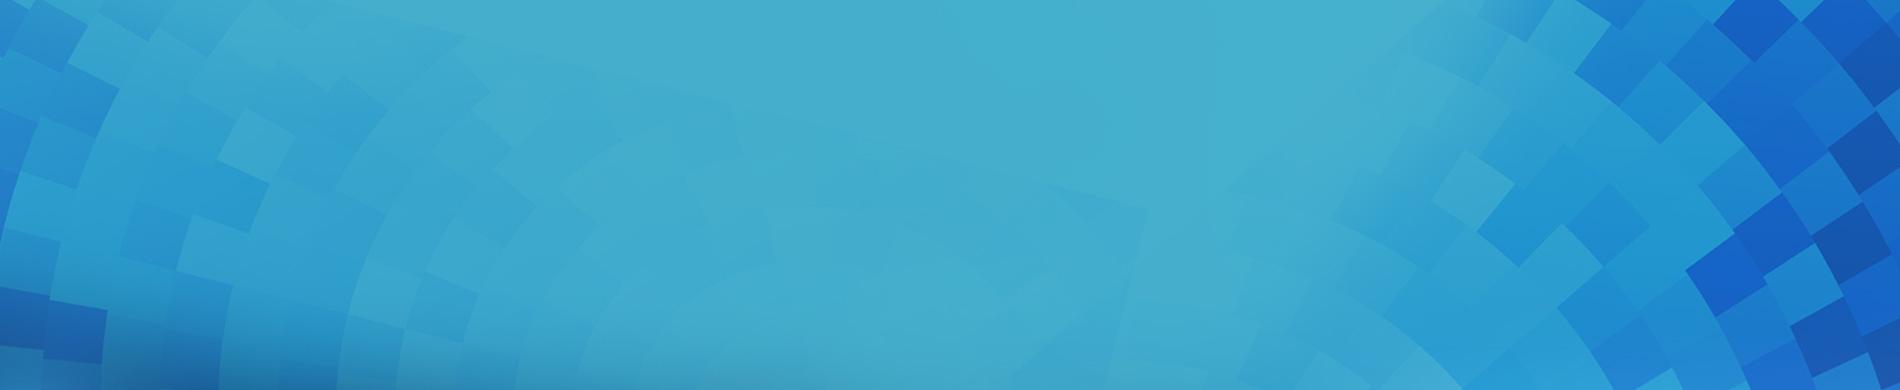 header-blue.jpg